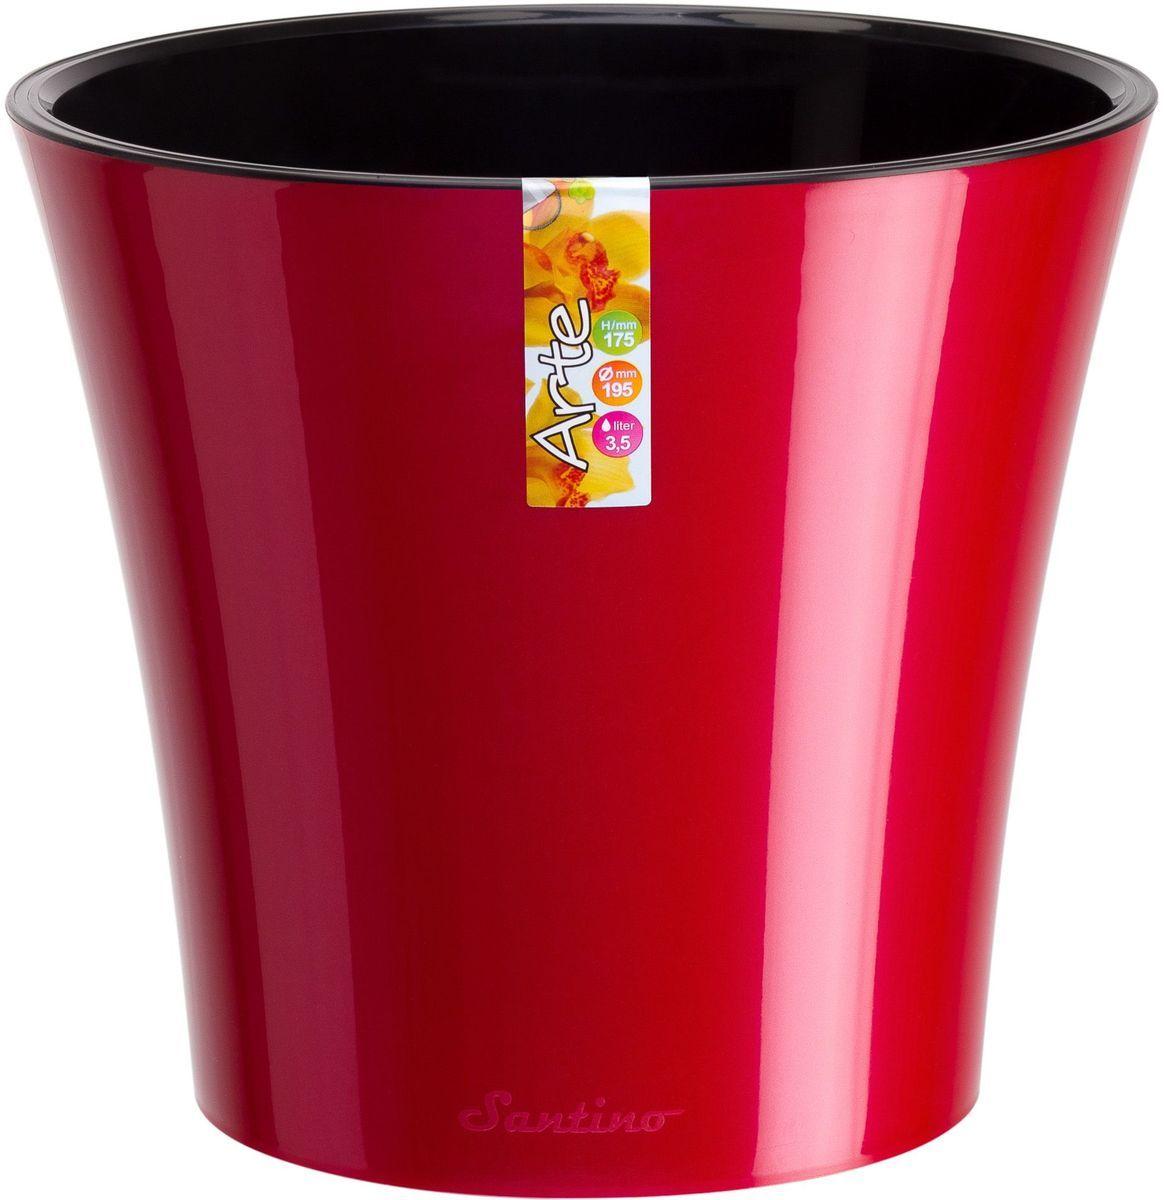 Горшок цветочный Santino Арте, двойной, с системой автополива, цвет: красный, черный, 2 лАРТ 2 К-ЧСистем автополива - гарантия здоровья ваших цветов. Экономия времени - решение для самых занятых. Чистота и удобство - нет протекания воды при поливе. Здоровые корини - нет застаивания корней в воде. Оптимальный рост - корни обеспечены циркуляцией воздуха.